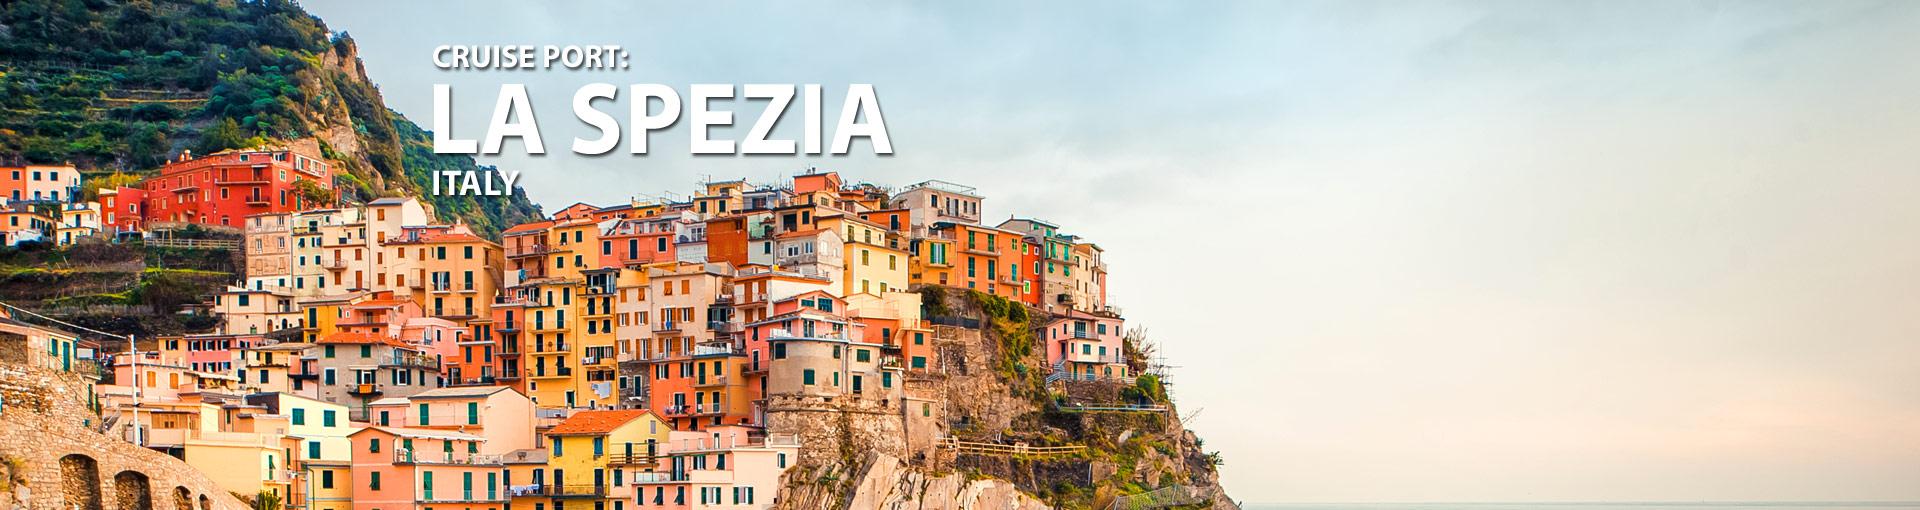 Cruises fromLa Spezia (Cinque Terre), Italy